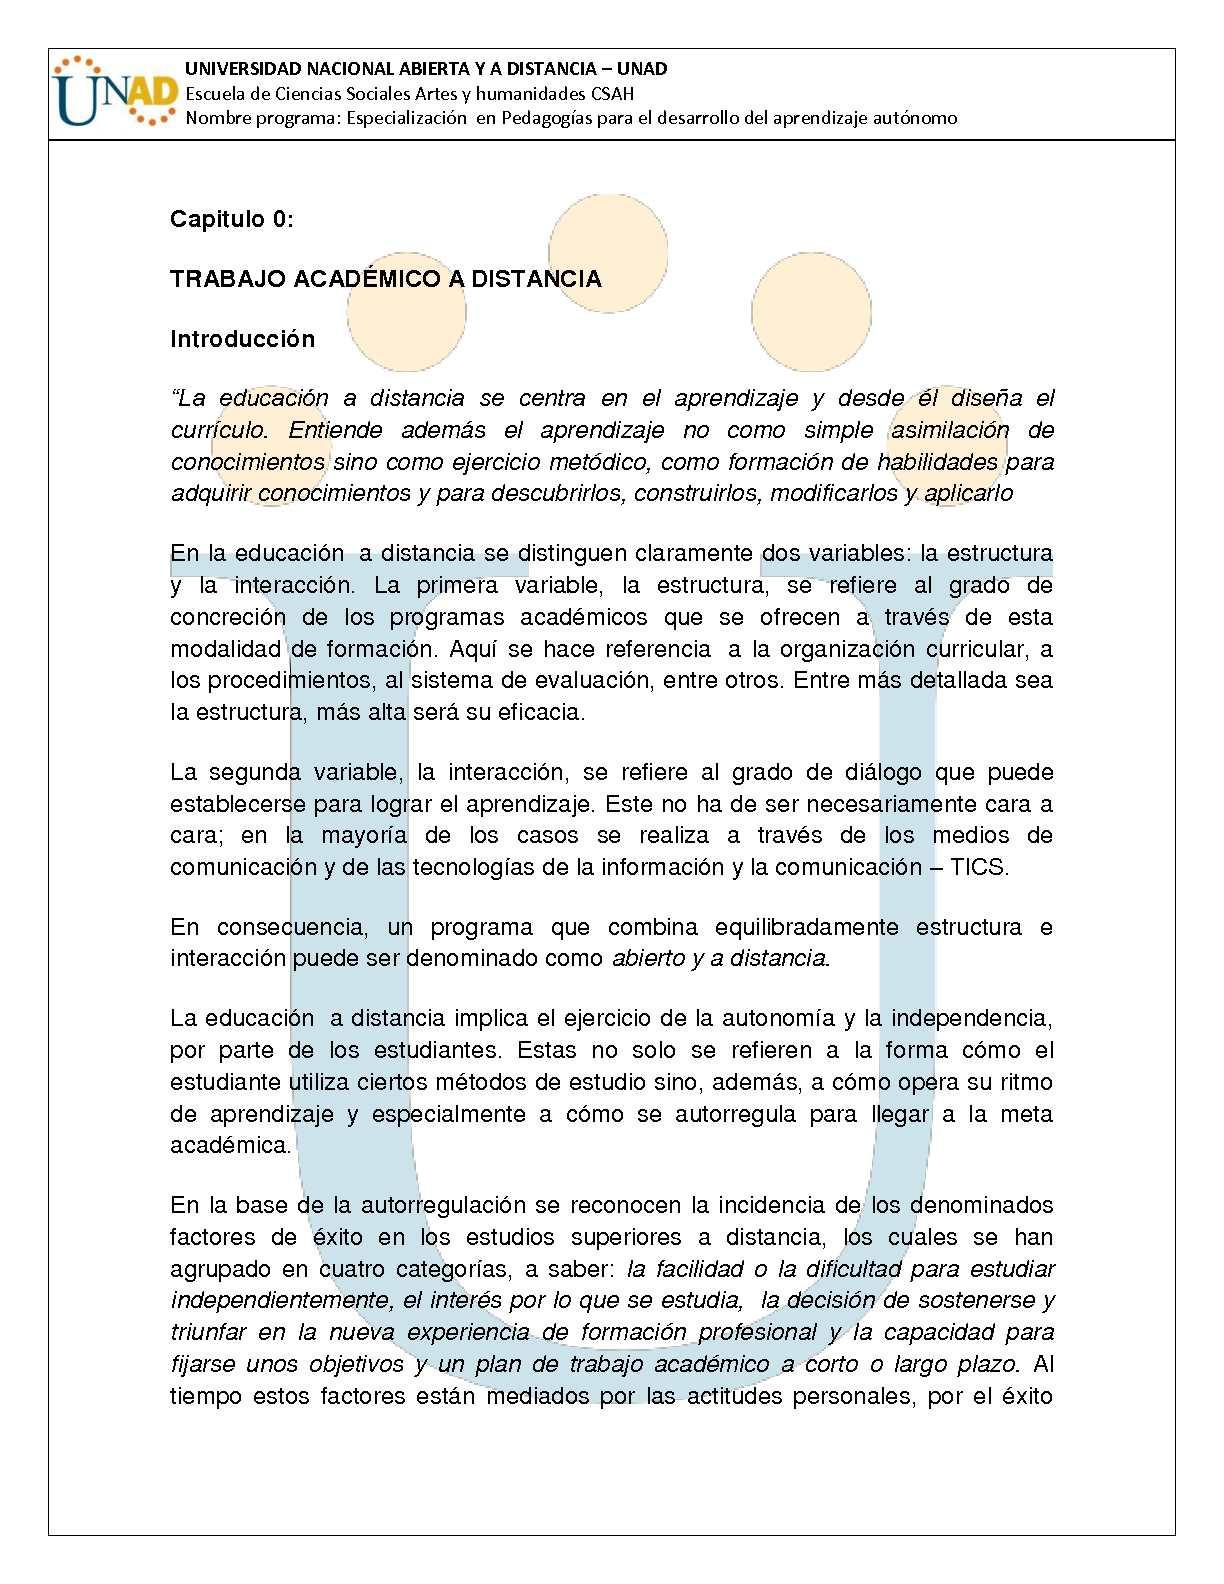 Modulo Academico 202080 Calameo Downloader